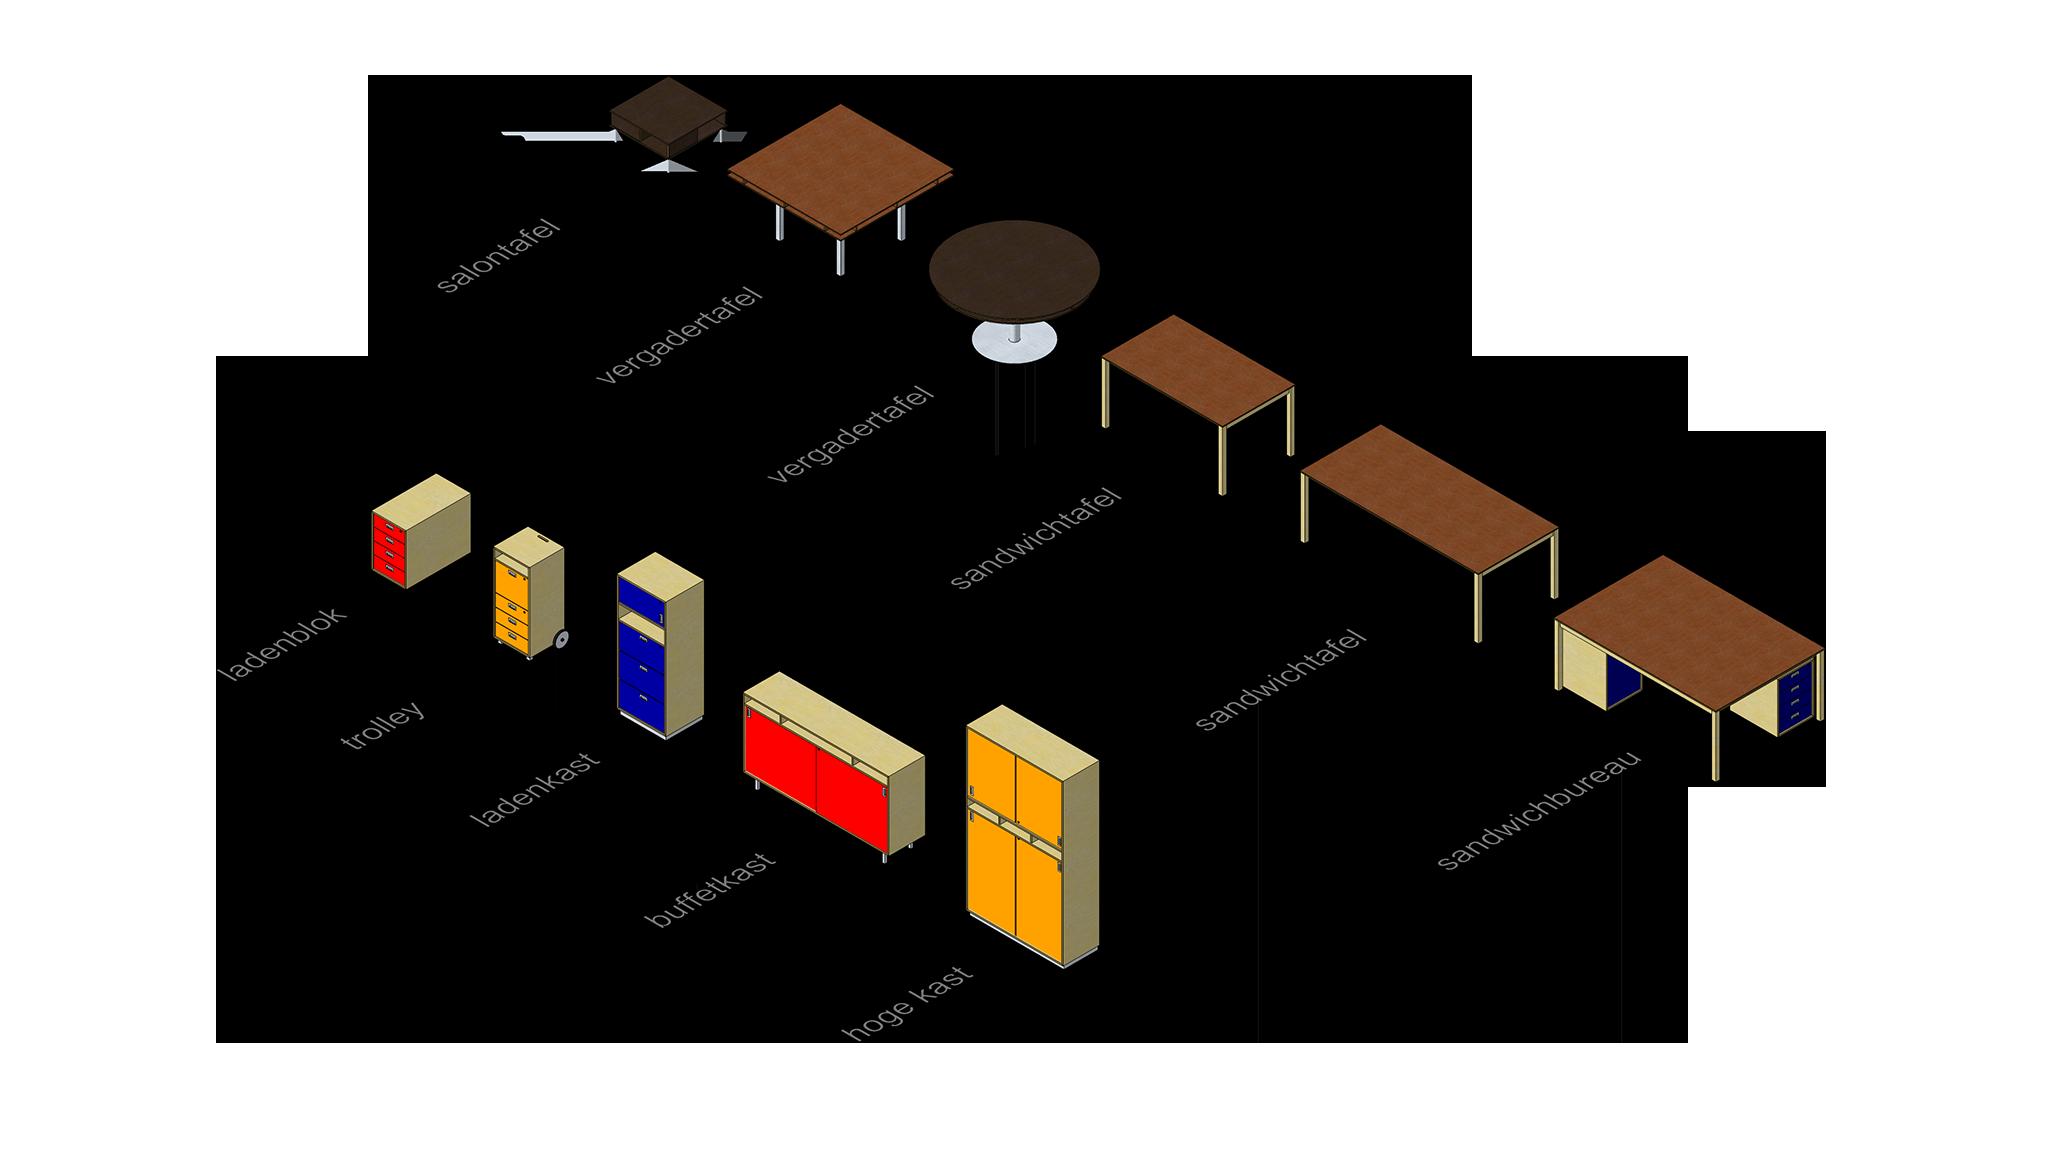 De Ontwerpwerkplaats, Gijs Niemeijer, Floor van Ditzhuyzen, Sandwichtafel, bureau nationale ombudsman, inrichting nationale ombudman, gijs niemeijer, sandwichtafel, tafel ontwerp, meubelontwerp, sandwichtafel, ontwerp tafel, meubellijn, gijs niemeijer